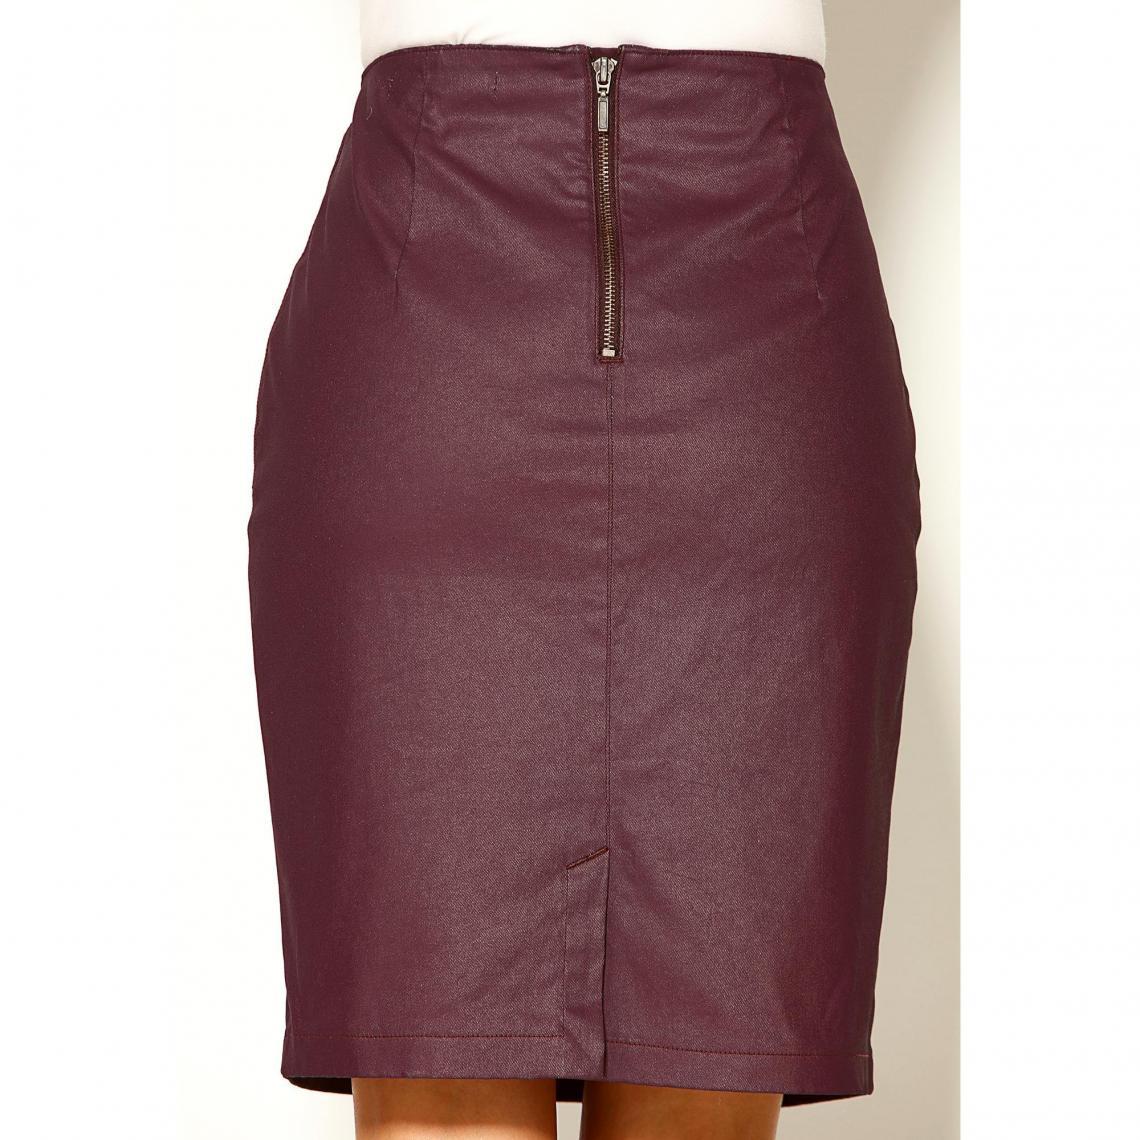 15cd0d1b686 Jupe crayon courte fendue poches fantaisie femme - Rouge 3 SUISSES